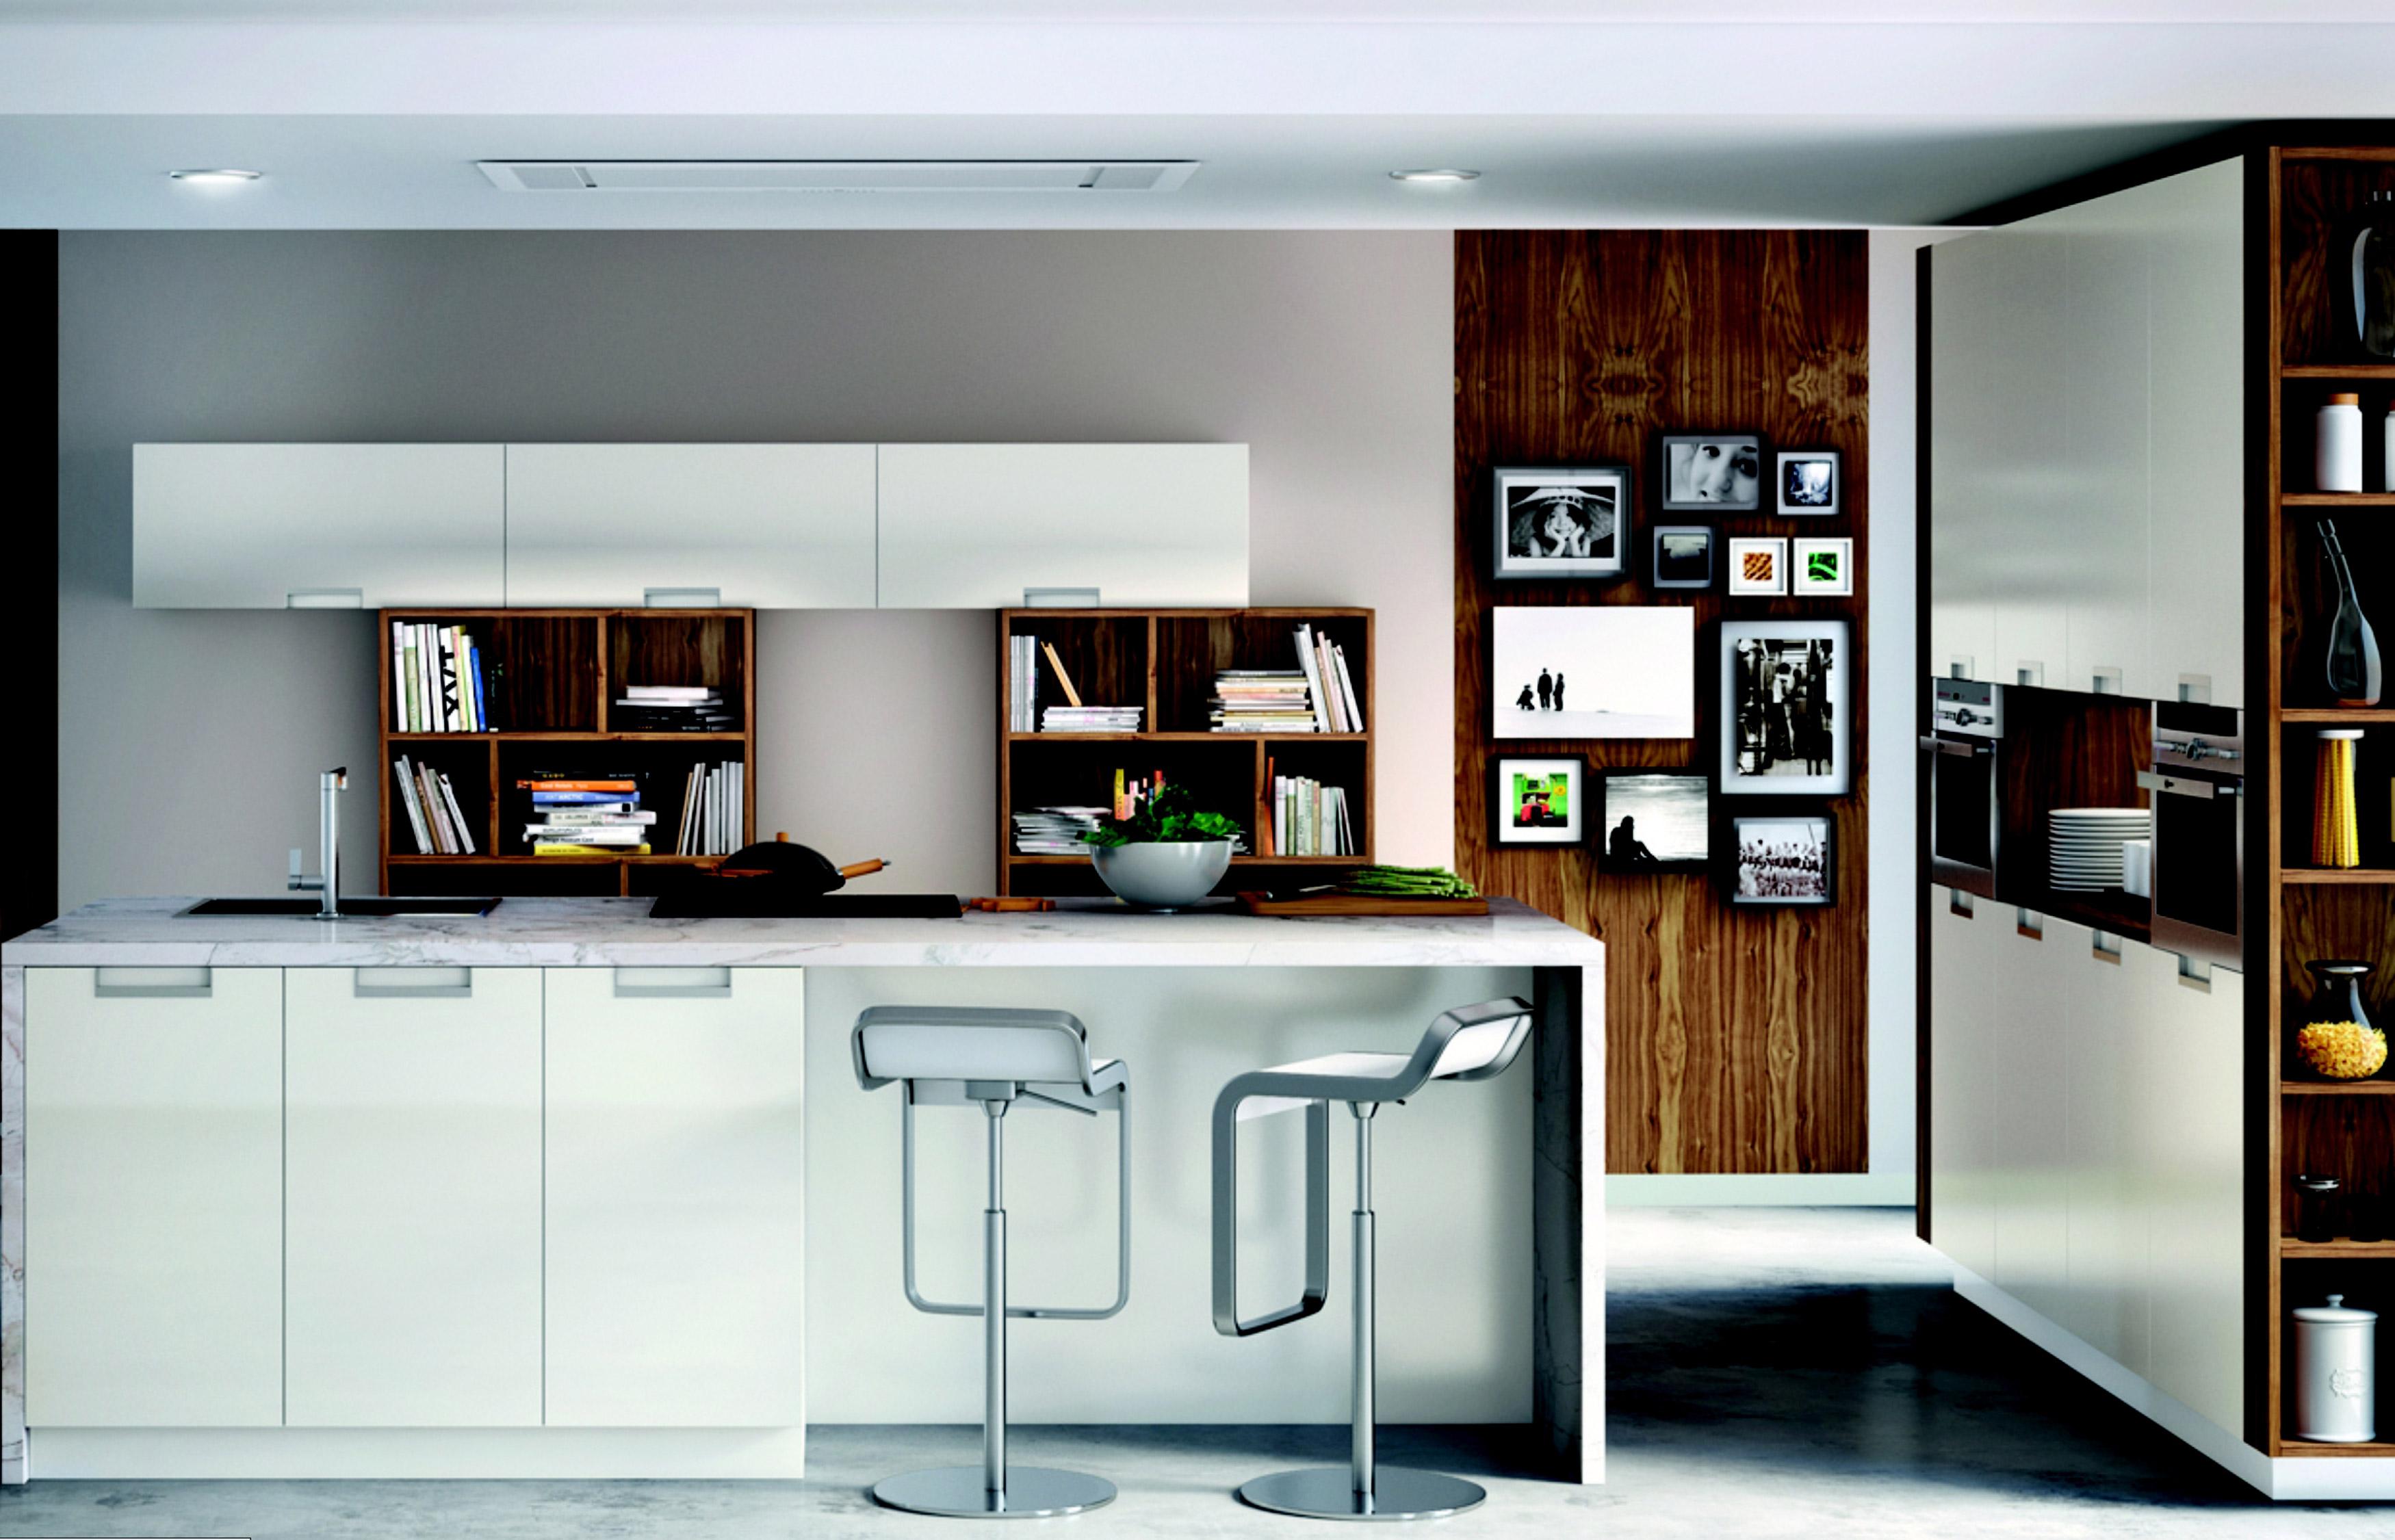 Modelo altea n car muebles de cocina y ba o online en Muebles de cocina xey modelo alpina